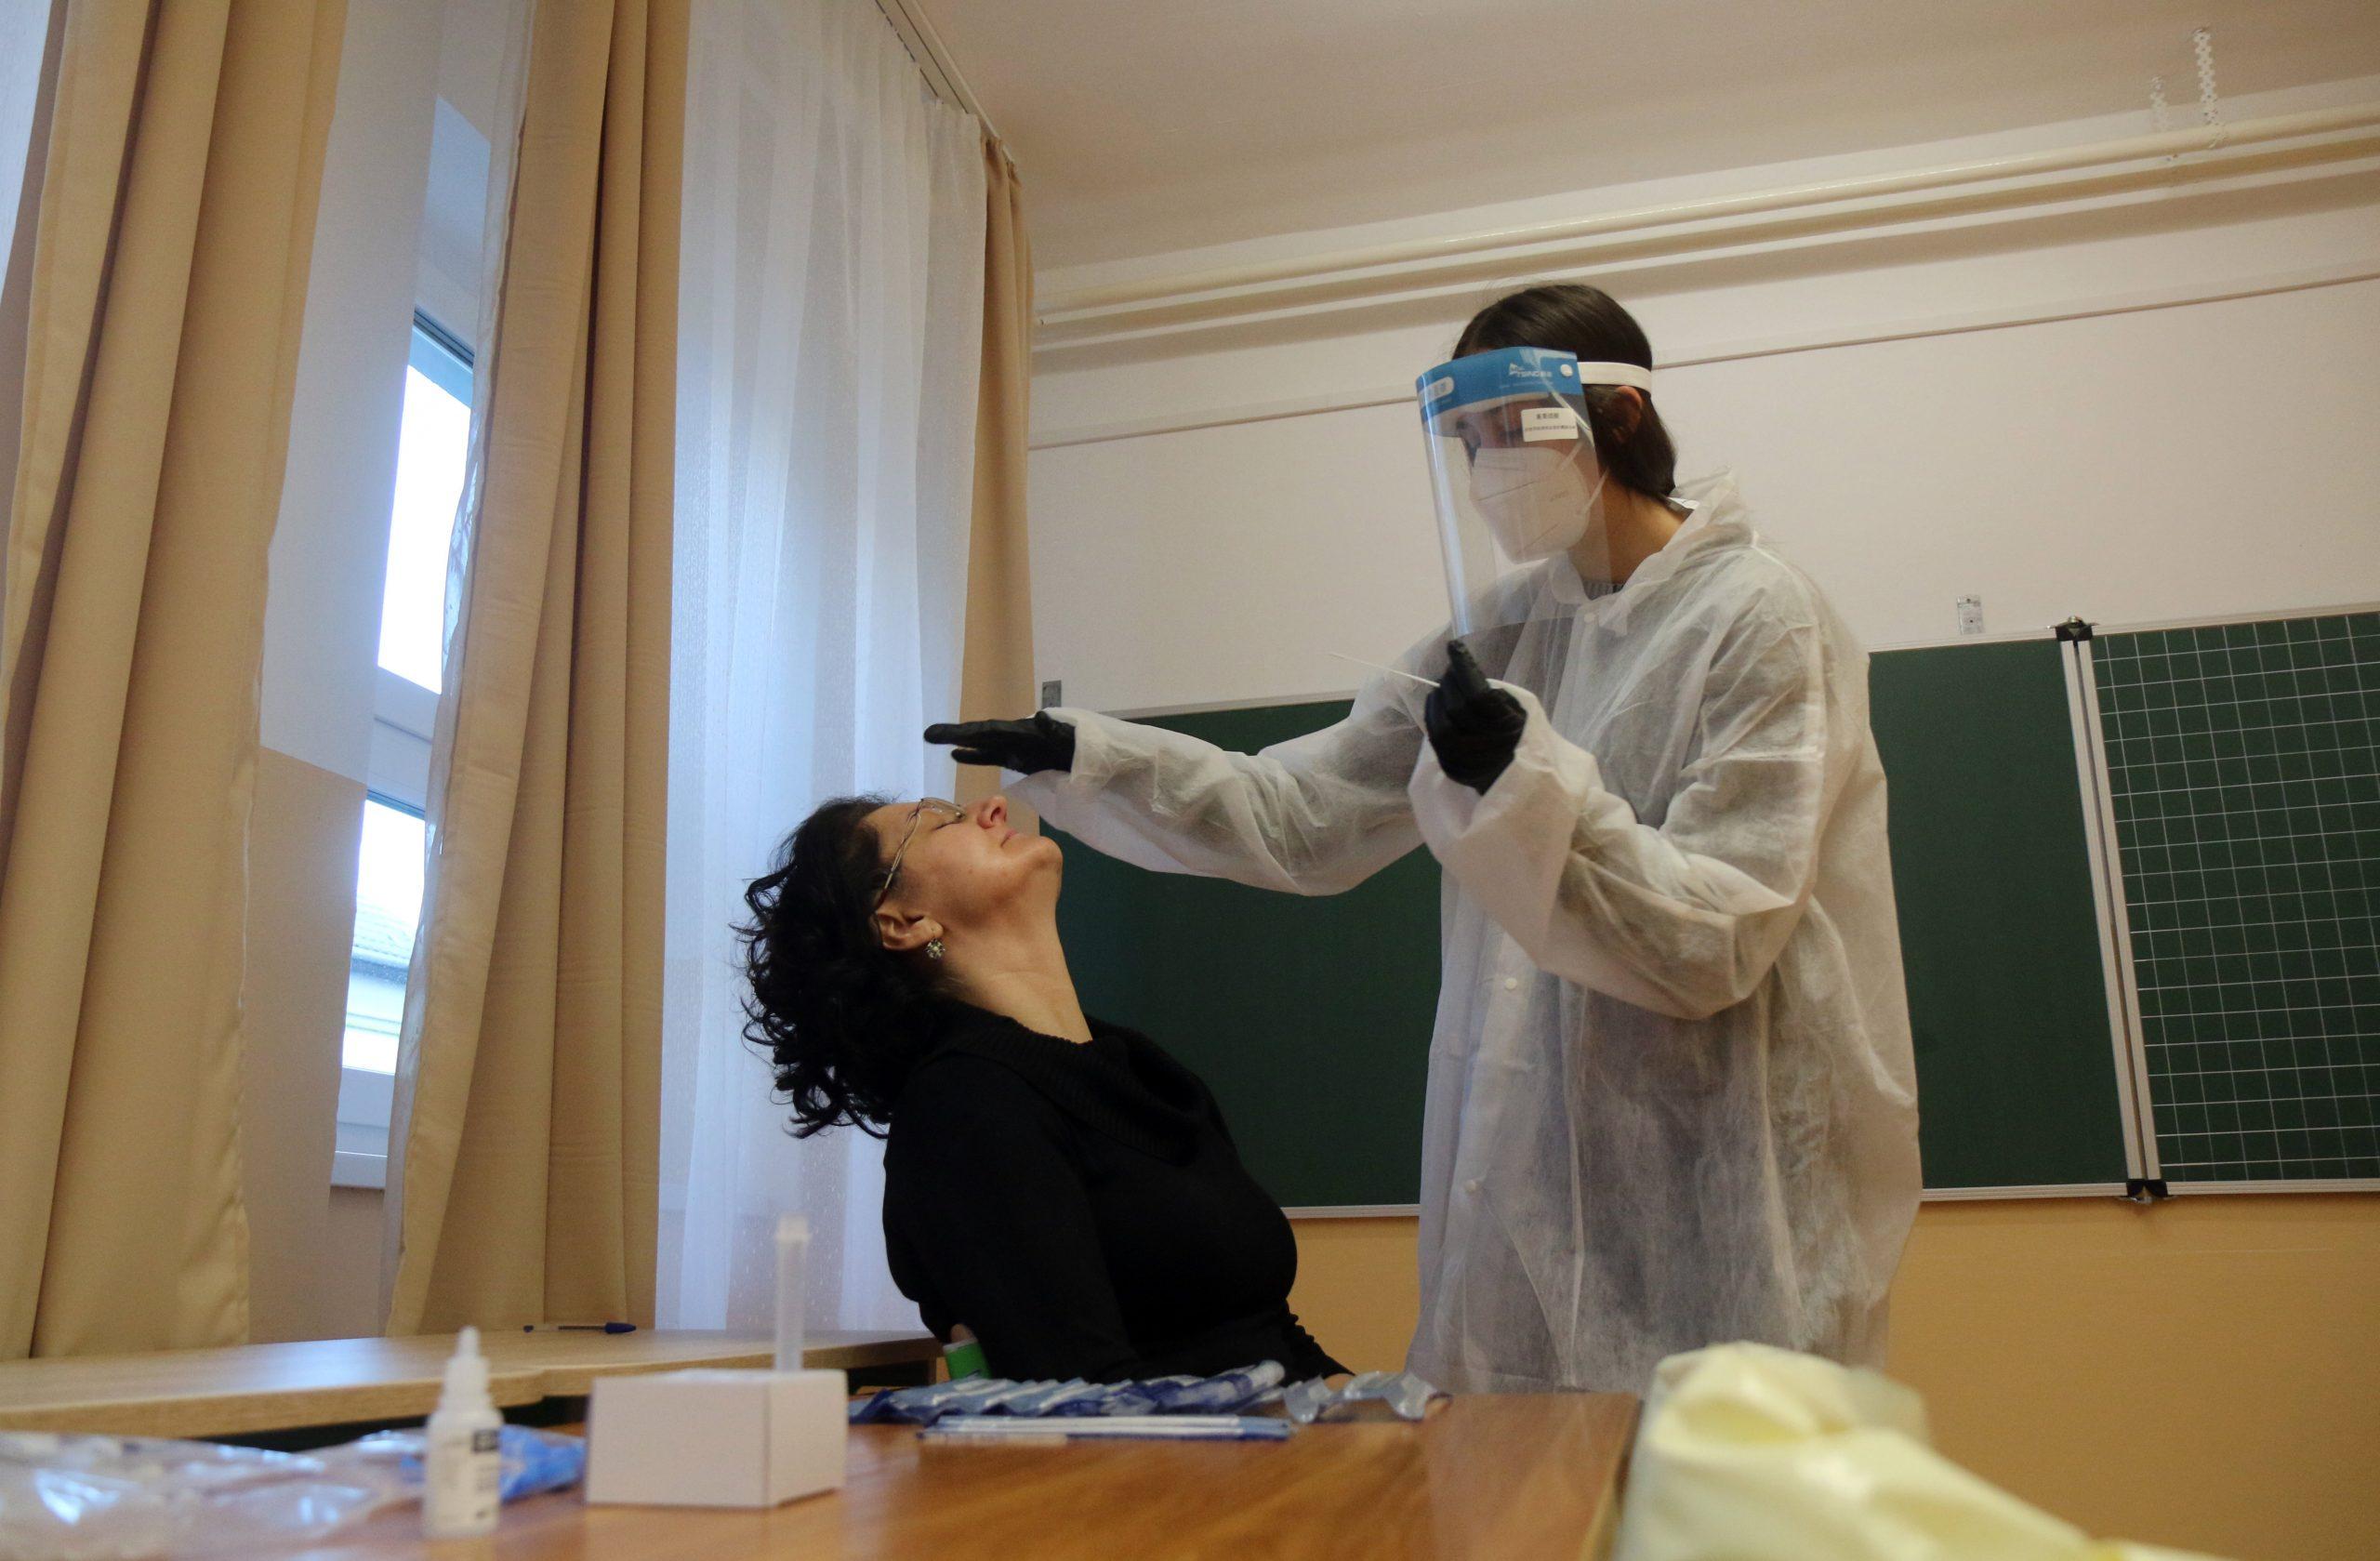 Coronavirus - DK will Lehrer und Schüler vor der Wiedereröffnung der Schulen testen